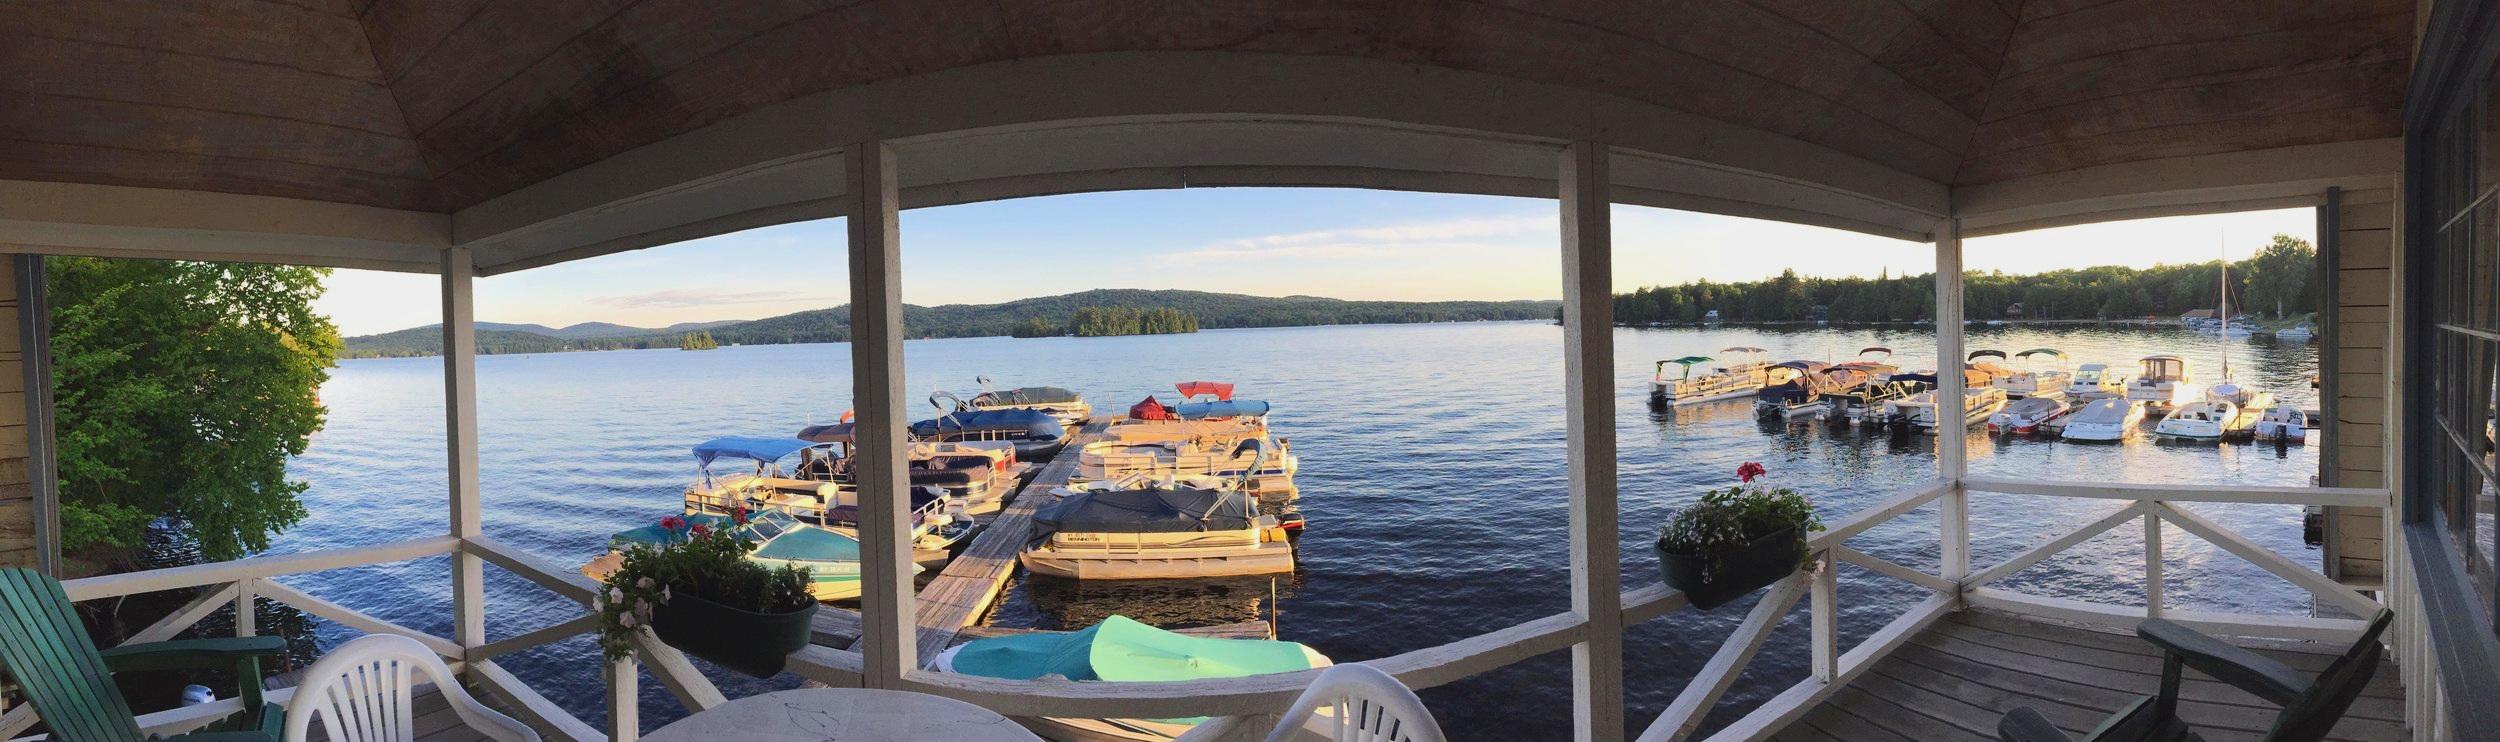 boat rentals -